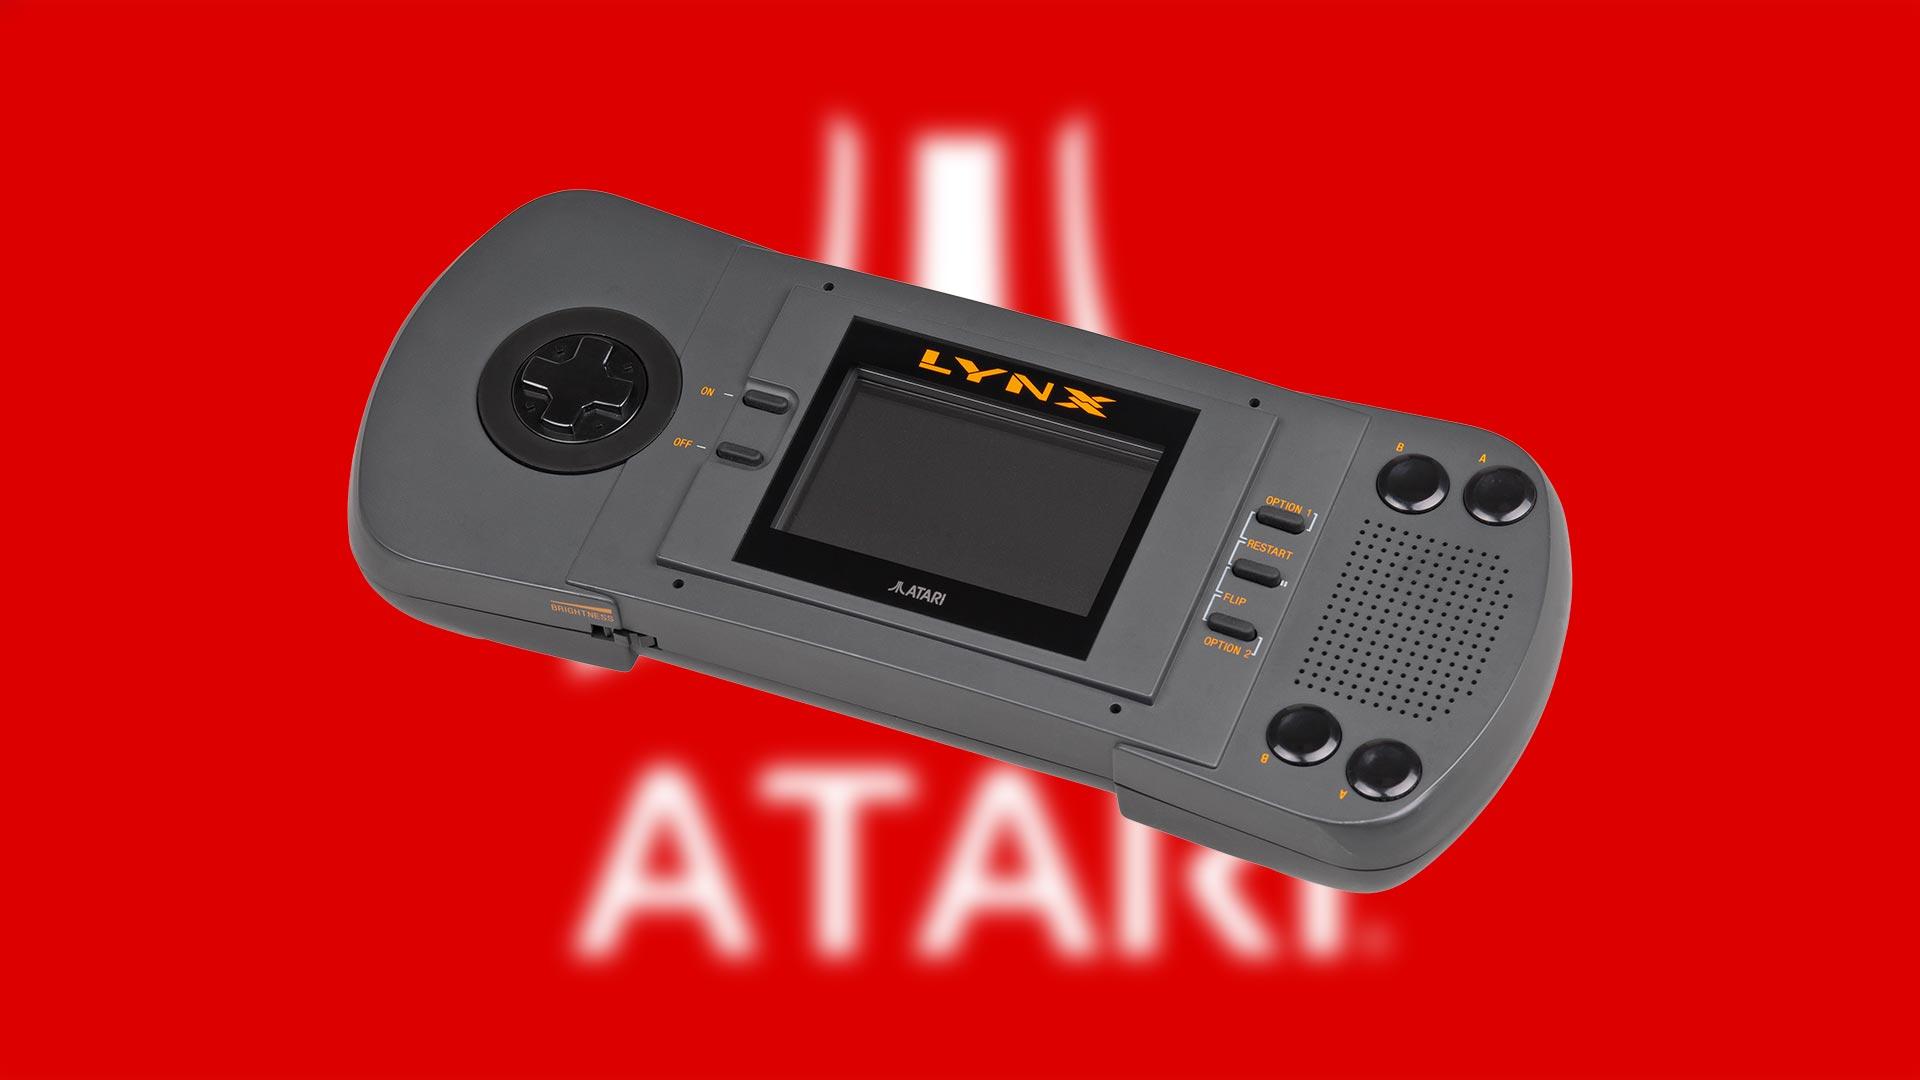 Vier neue Games für den Atari Lynx